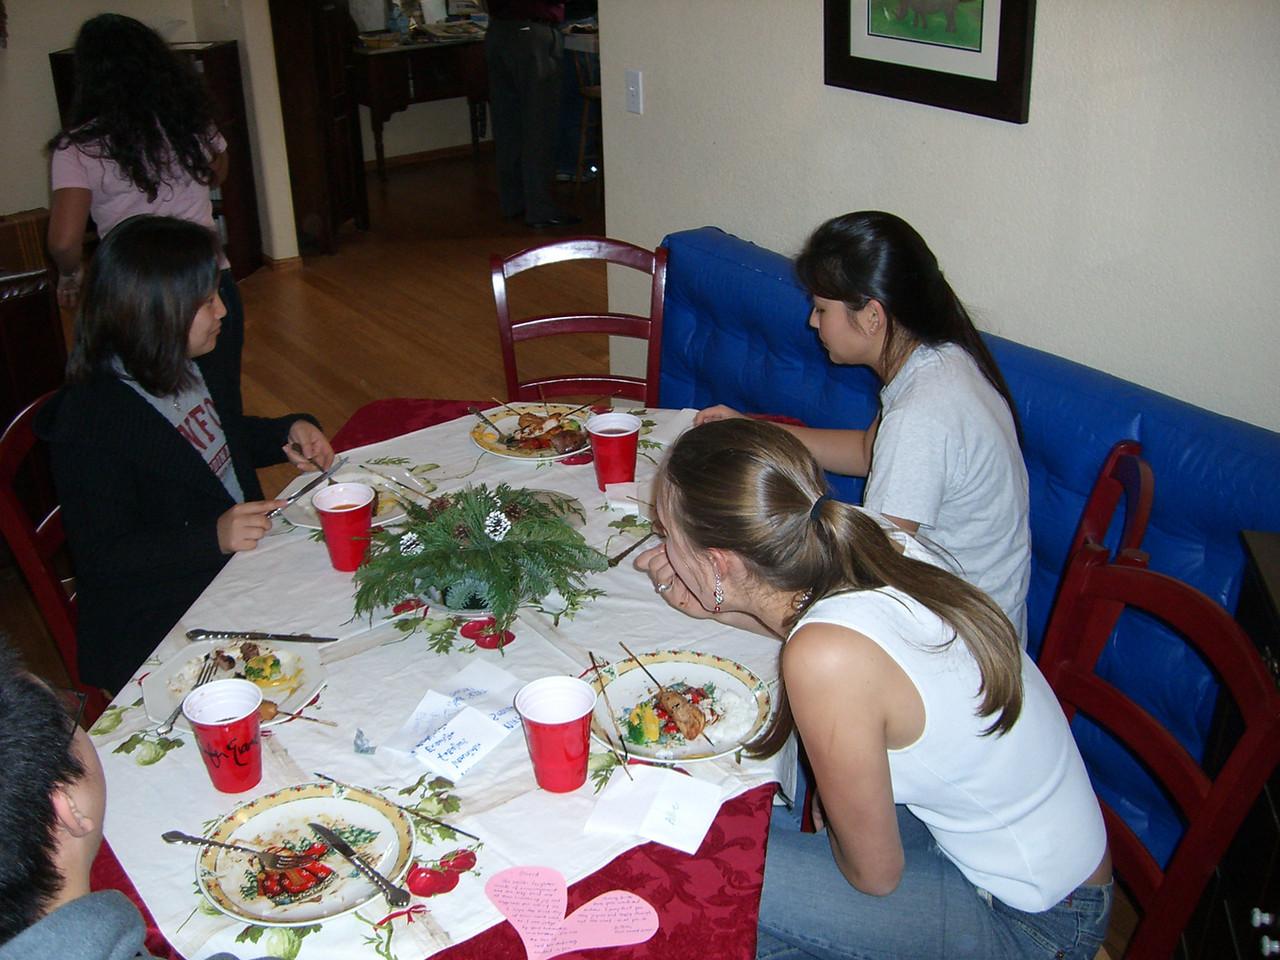 2005 12 18 Sun - Lake Ave Church - Esther Kang, Jenn Kim, & Allie Dunworth grub